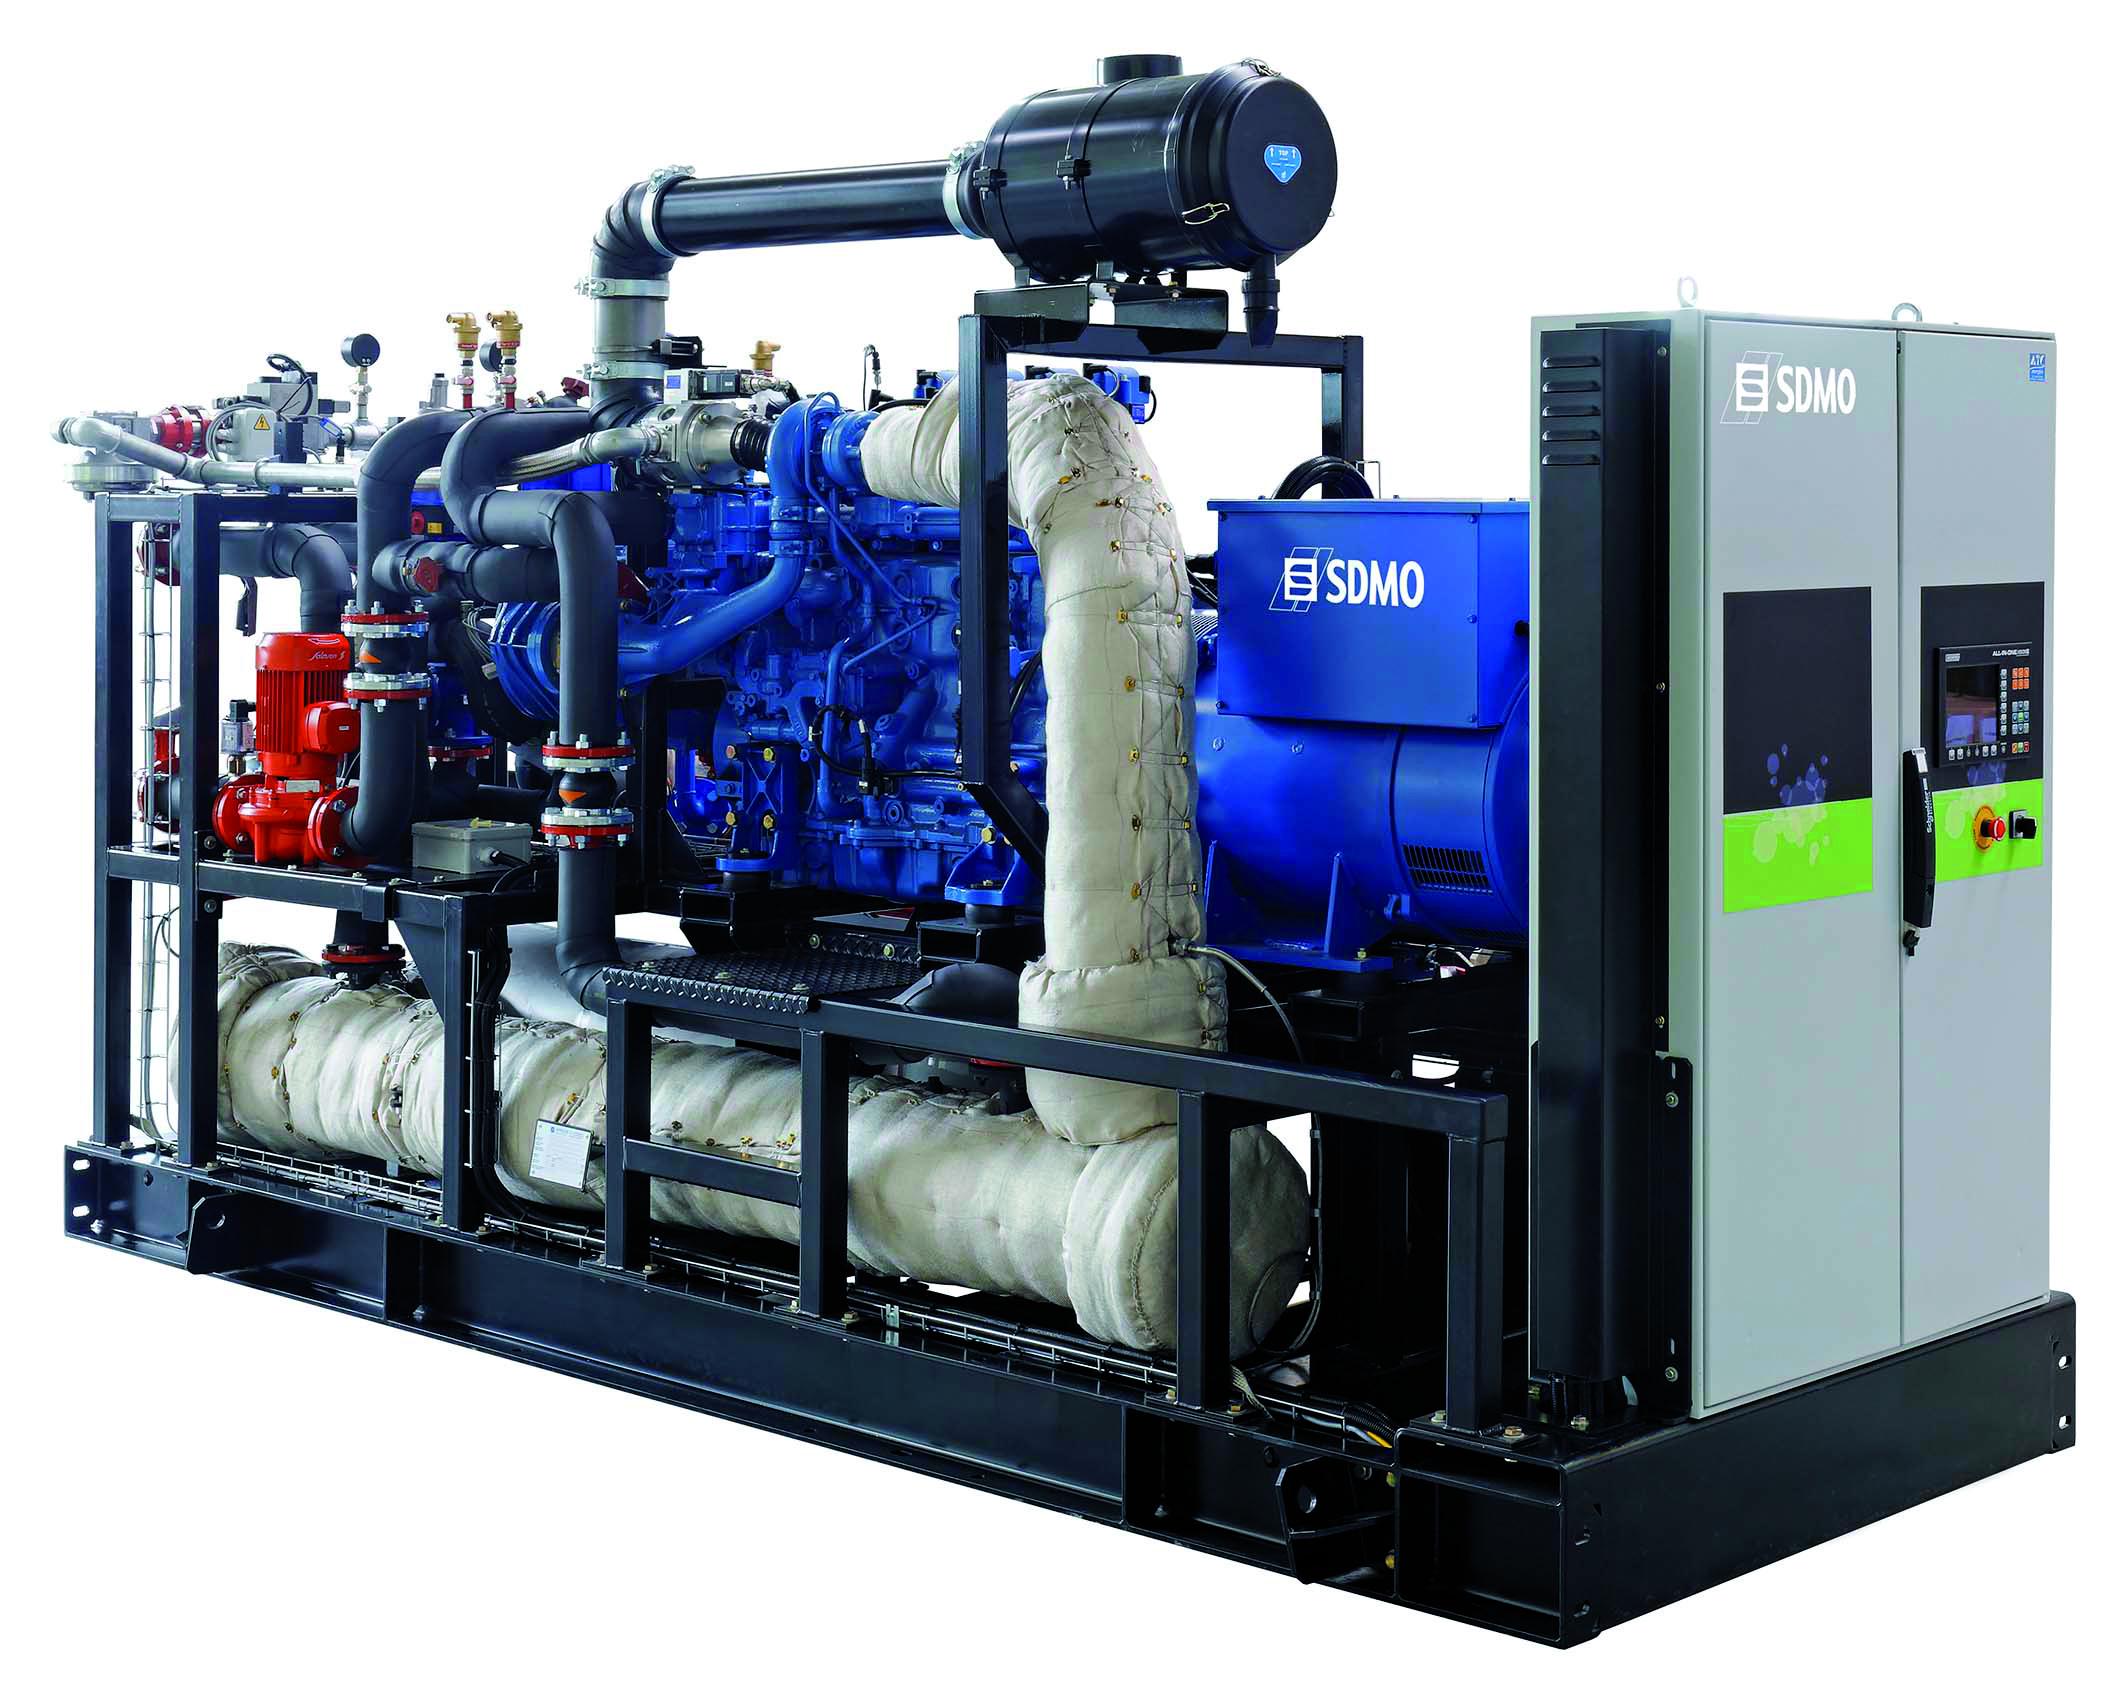 cogénératrice SDMO (gamme de 140 à 500 kWe) pour un rendement thermique de 40 % à 45 % et un rendement électrique de l'ordre de 35 % à 40 % (2 % à 5 % sont dédiés aux consommations des auxiliaires (source SDMO)